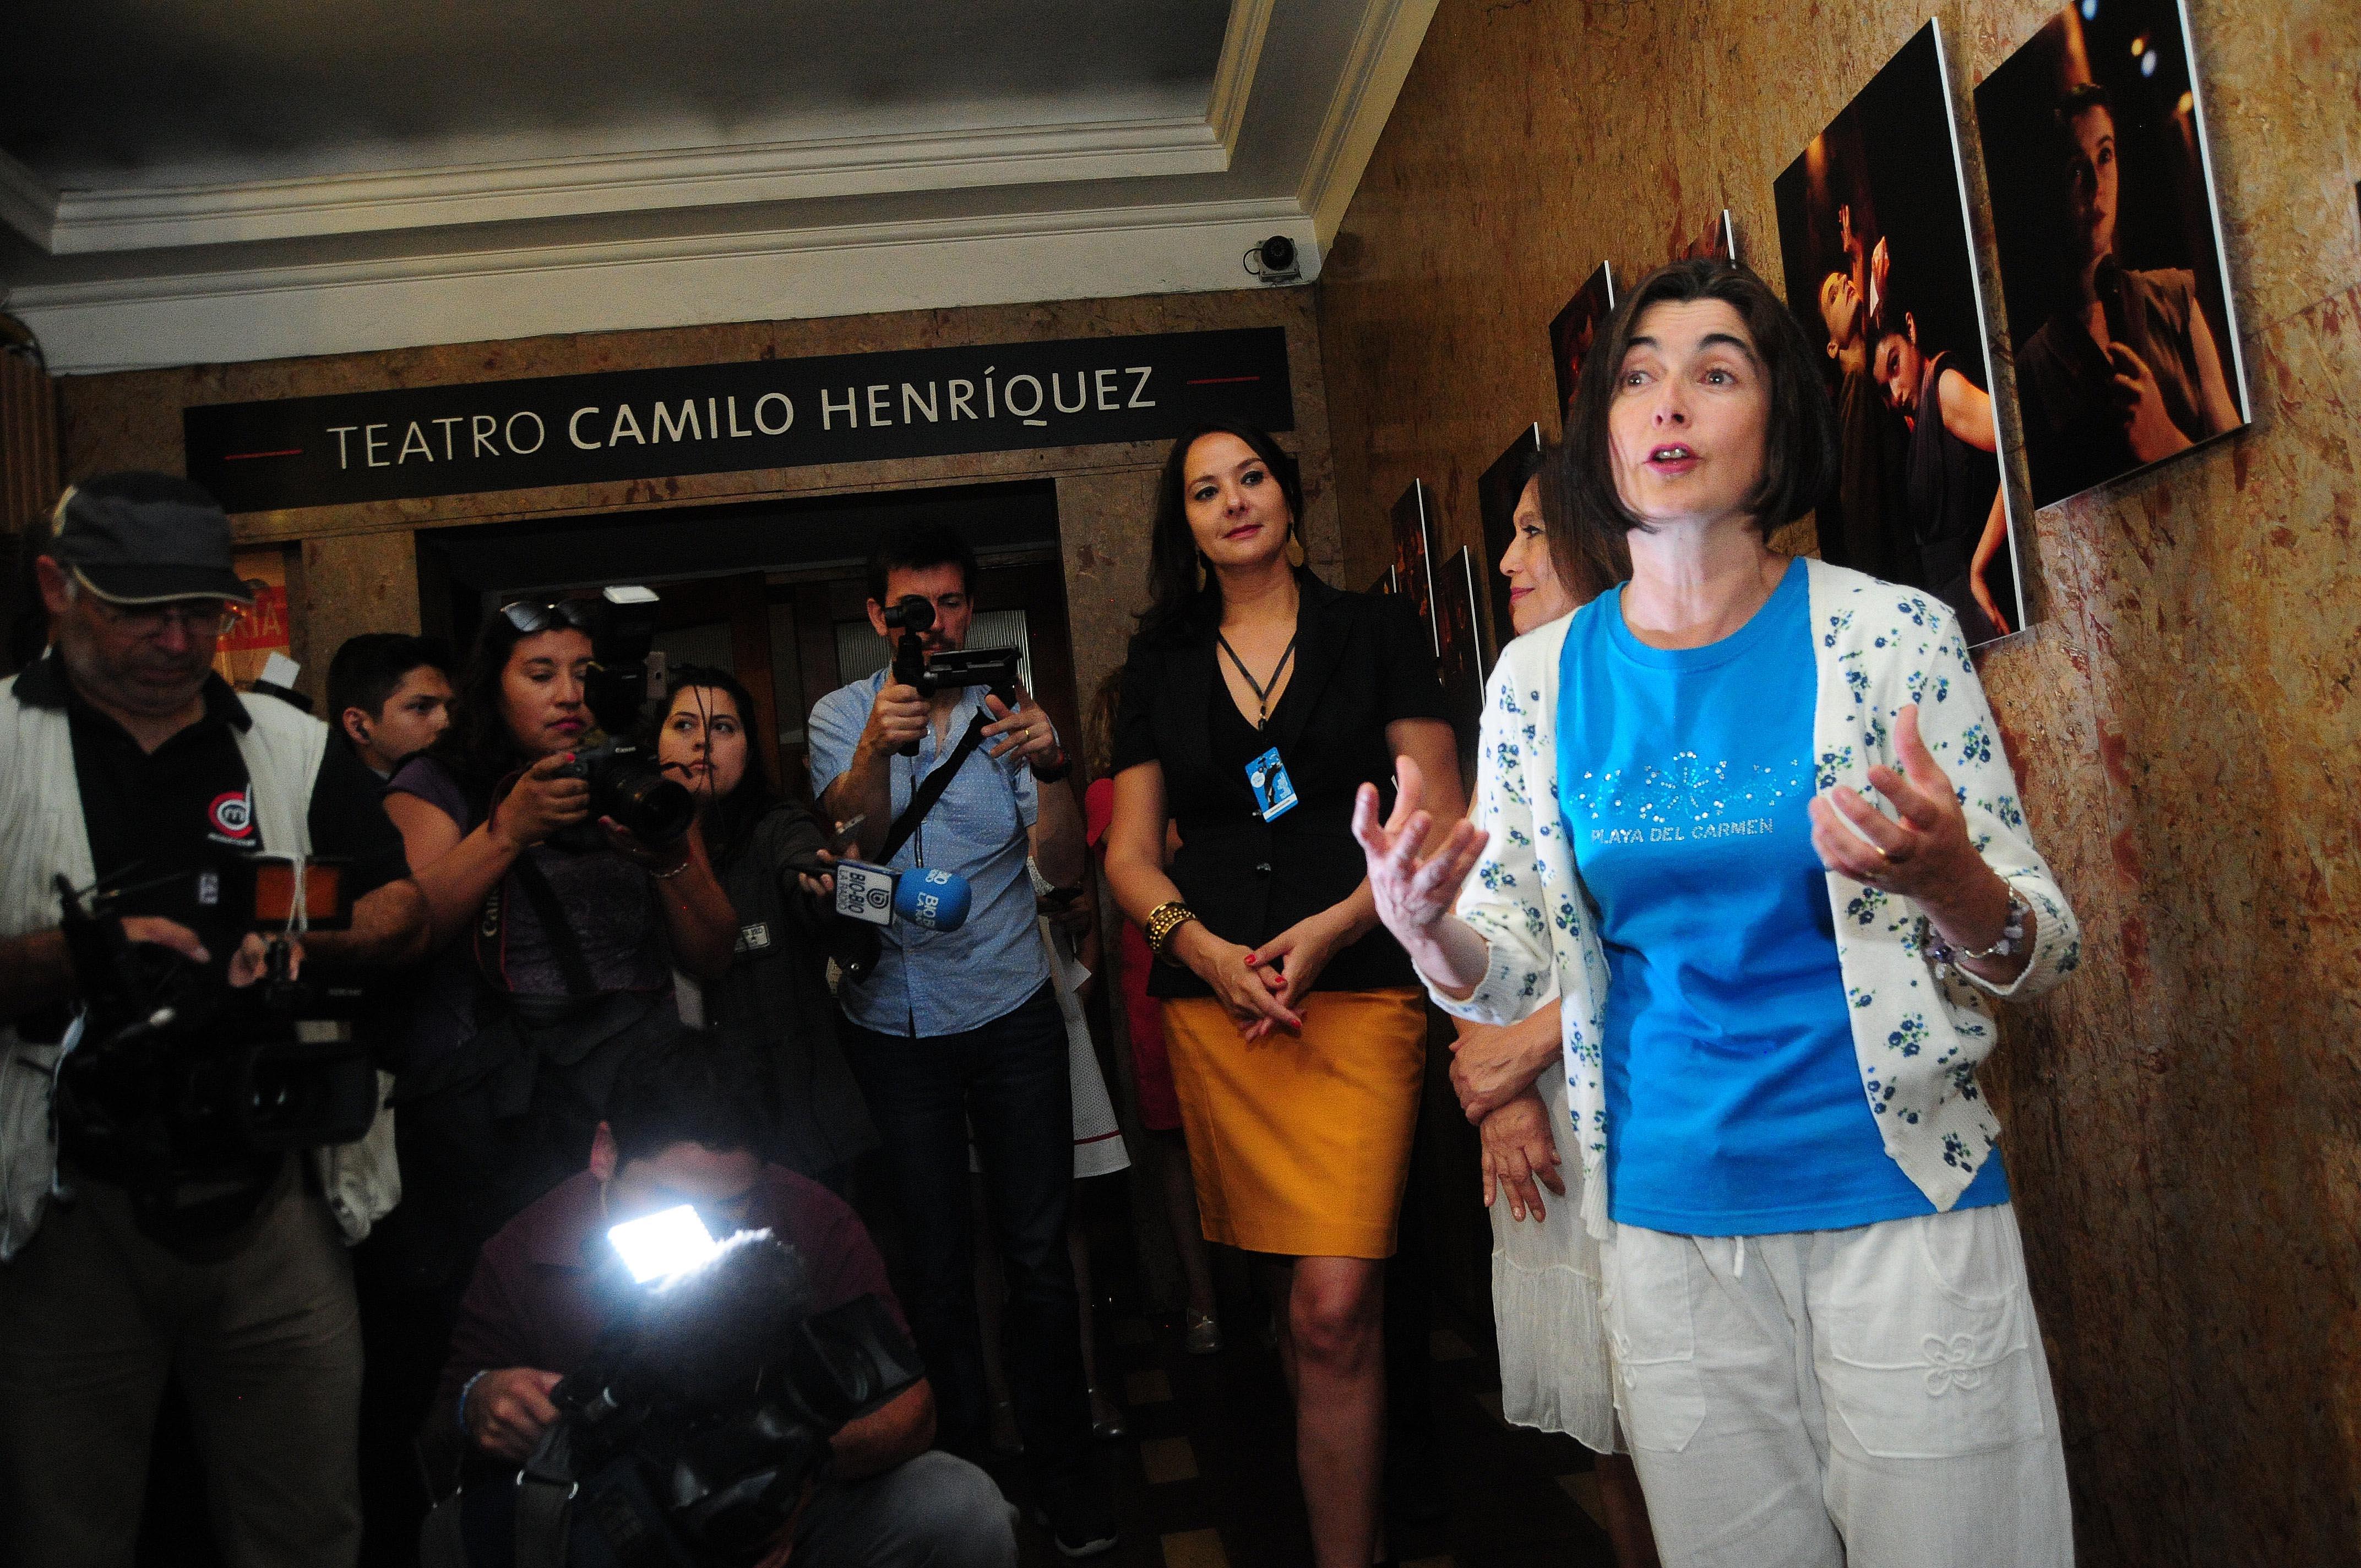 Con un recorrido por el teatro Camilo Henriquez se da inicio a Teatro a Mil